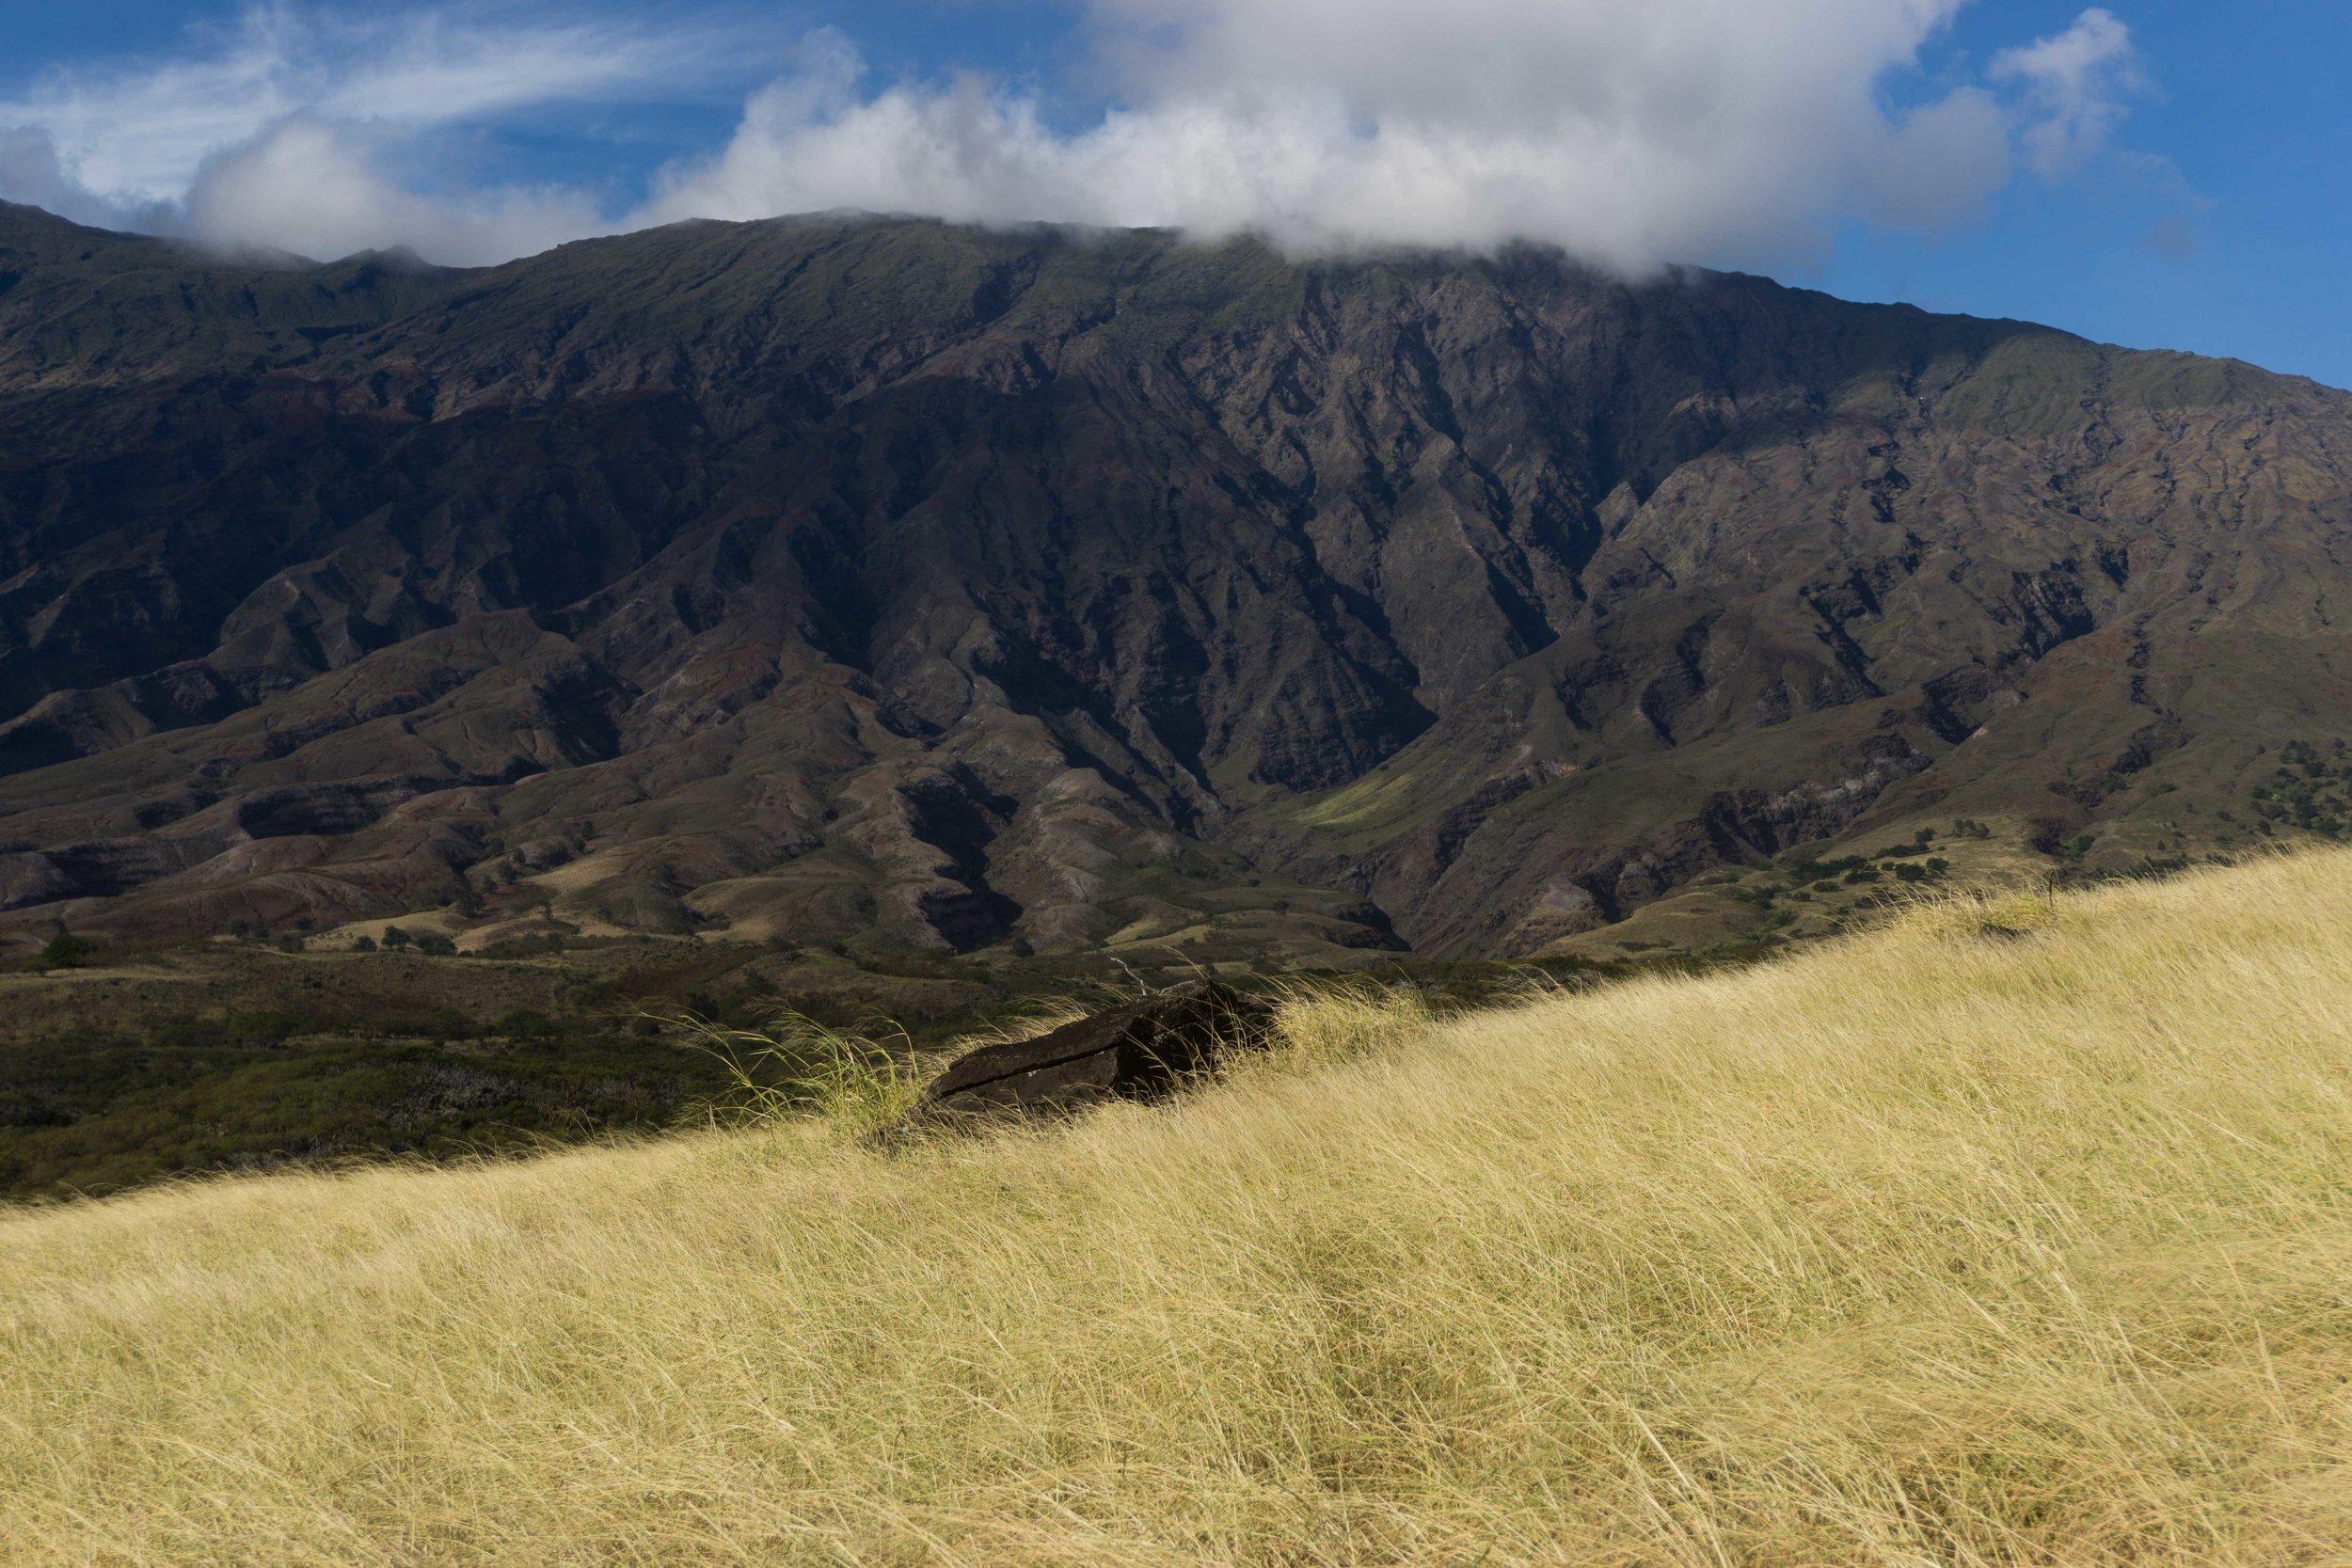 Grass-volcanoDSC03575.jpg